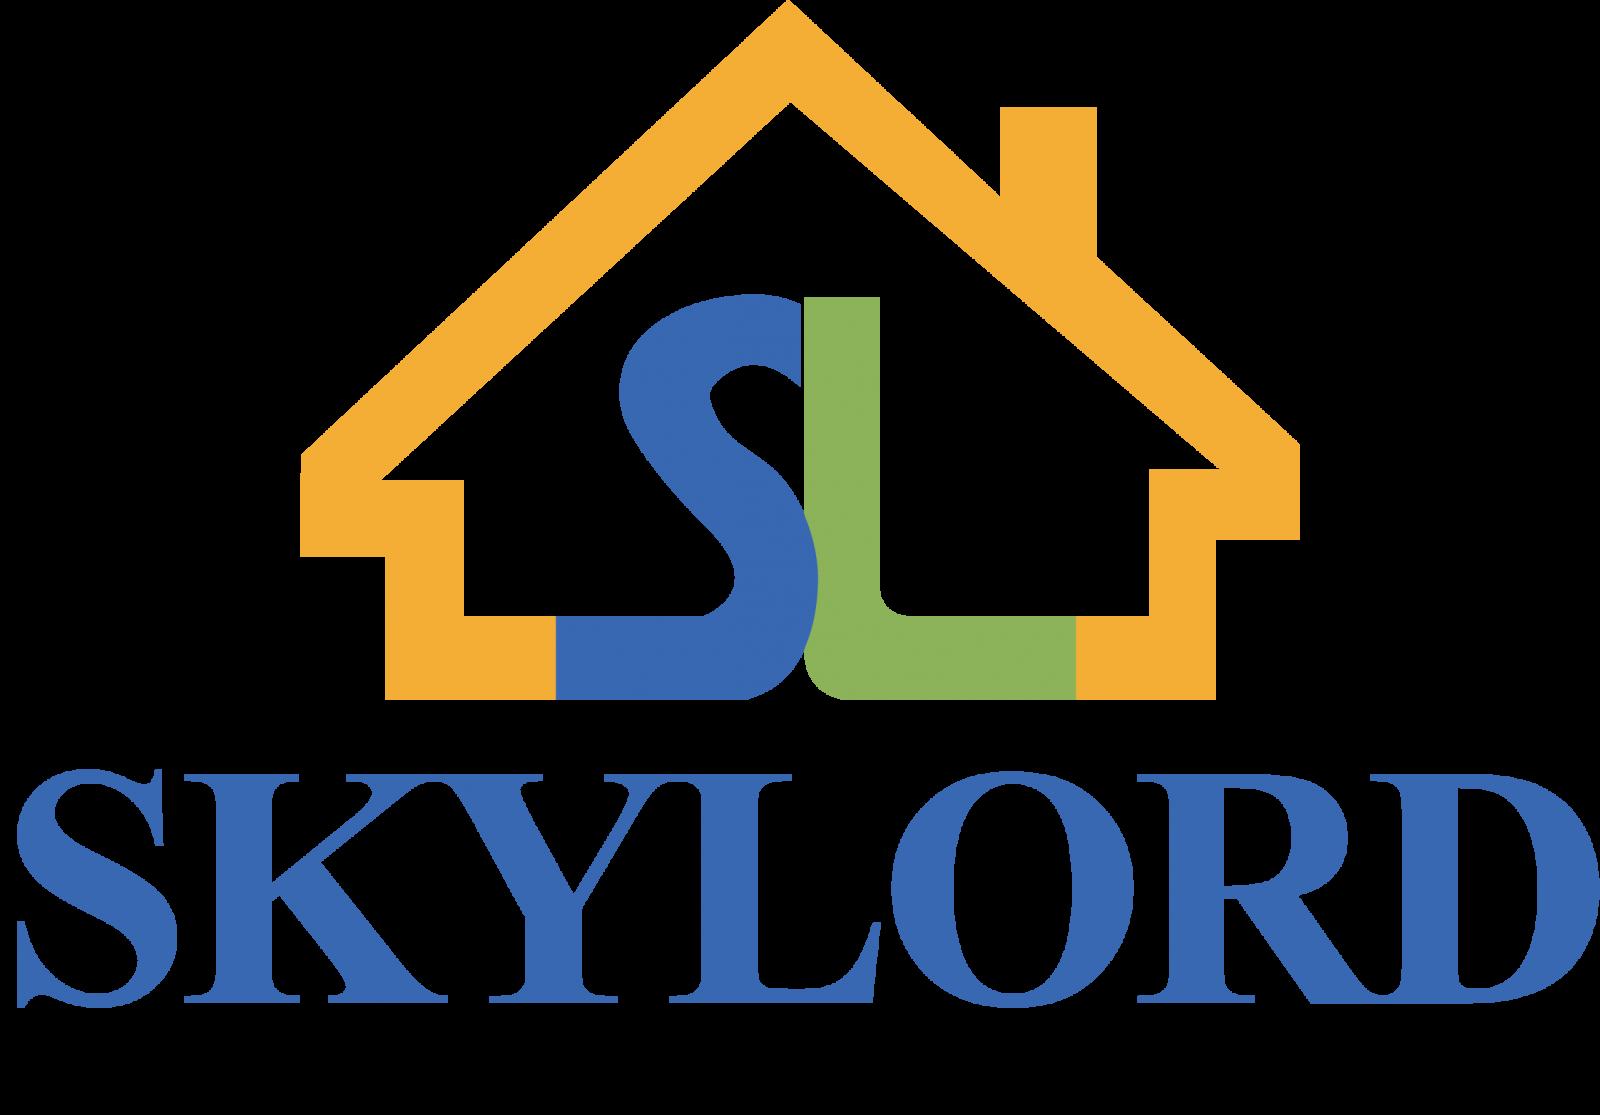 SKYLORD ESTATES LTD